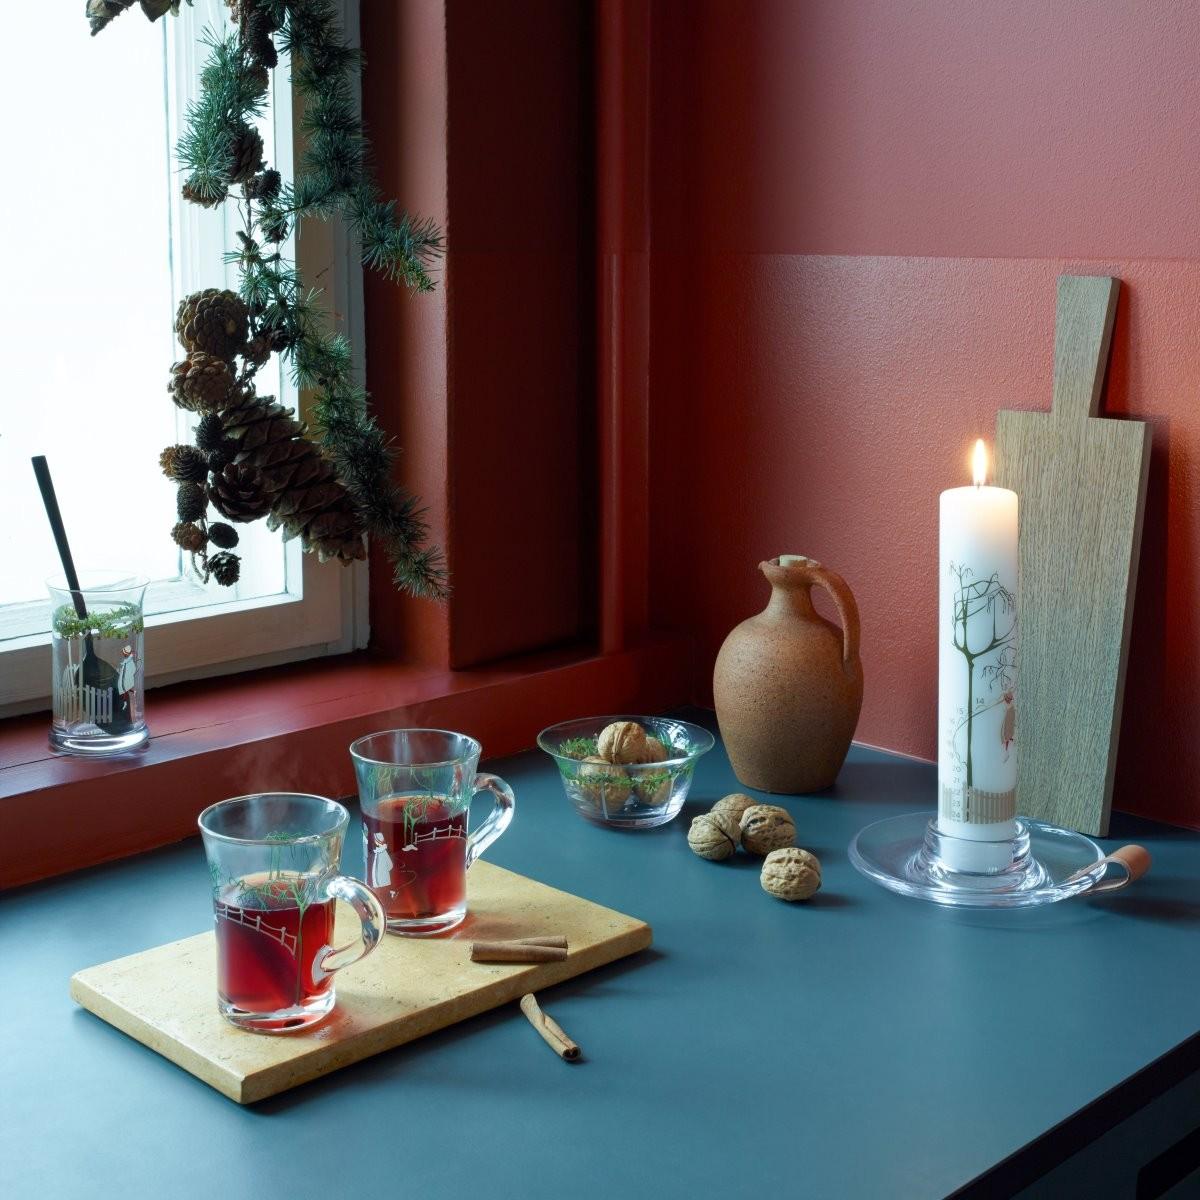 tienda de navidad tazas para vino caliente tazas cristal navidad países nórdicos gløgg y æbleskiver dulces navideños diseño nórdico diseño danés costumbre nórdicas